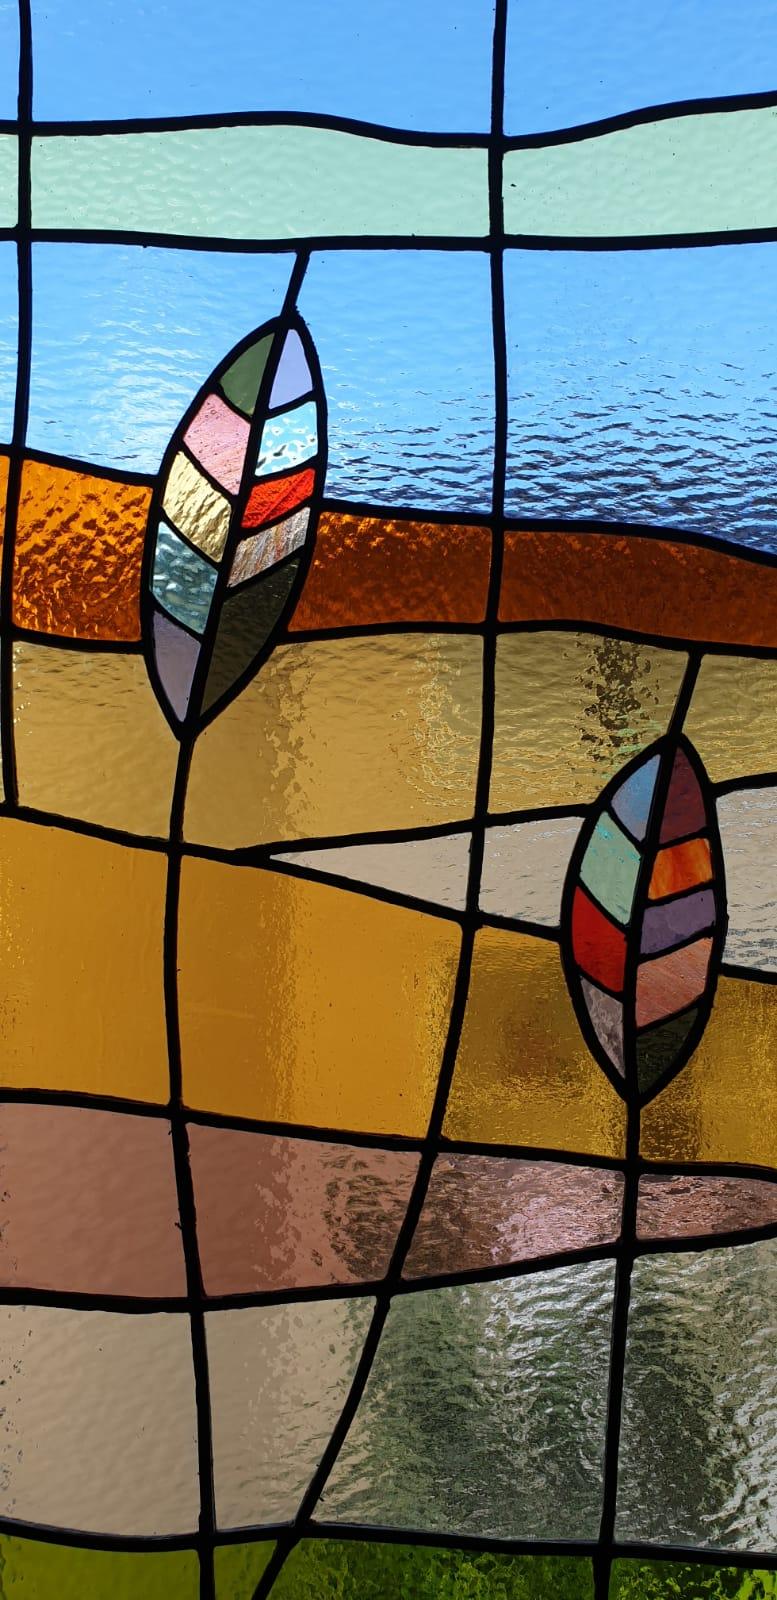 פרט מקרוב על העיצוב בחלונות המעוצבים